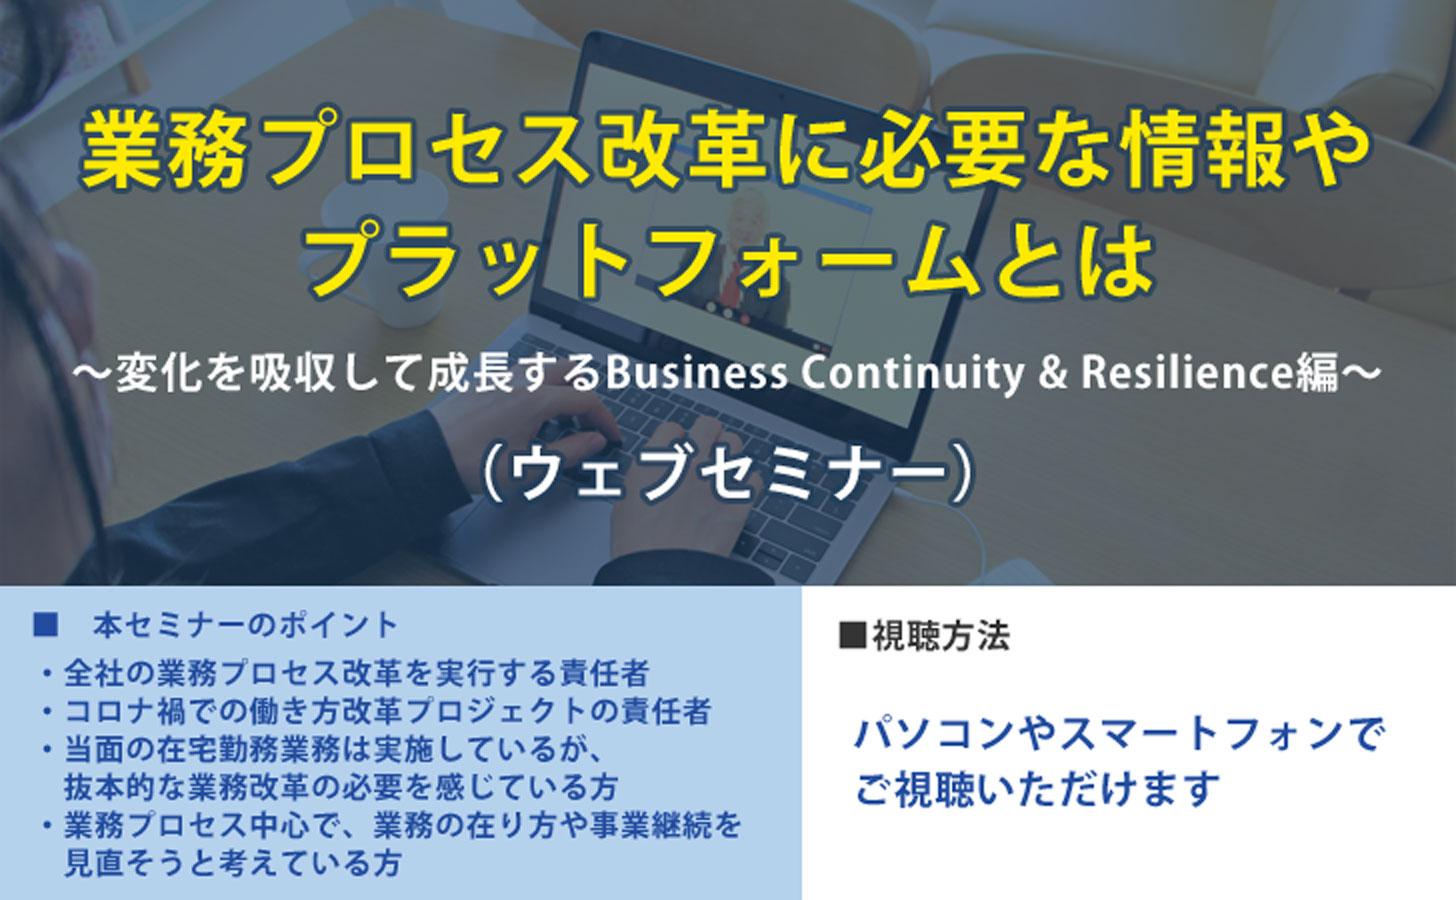 【無料セミナー】BC&Rウェビナー「業務プロセス改革に必要な情報やプラットフォームとは」(Webセミナー)